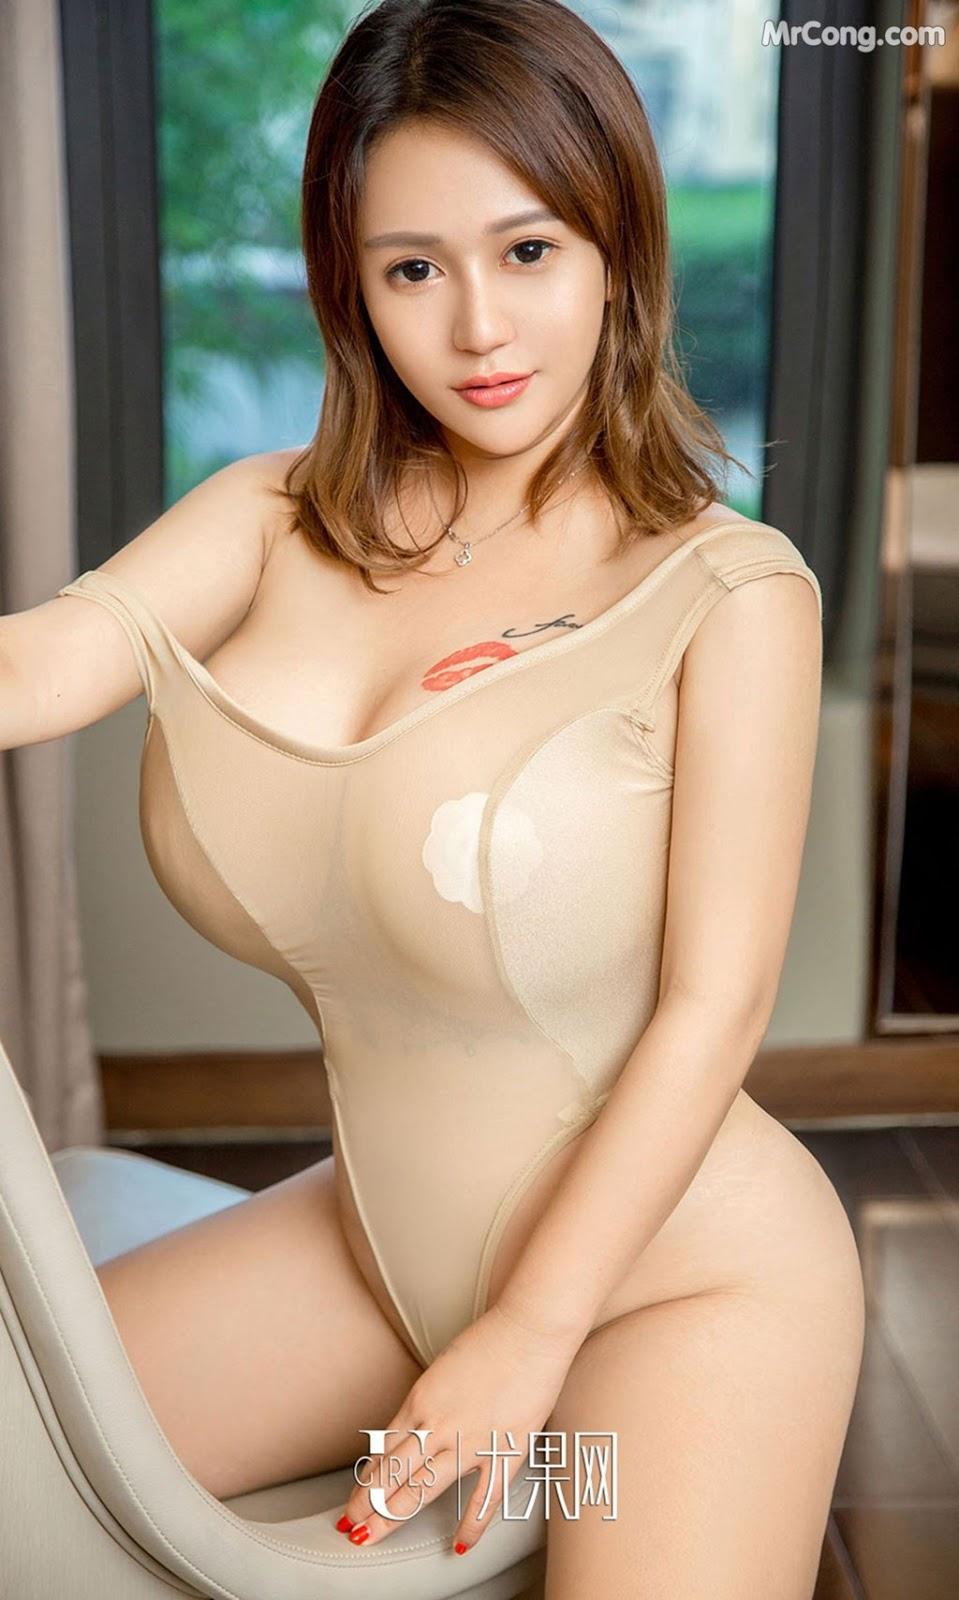 Image UGIRLS-Ai-You-Wu-App-No.913-Xiao-Meng-Meng-MrCong.com-001 in post UGIRLS – Ai You Wu App No.913: Người mẫu Xiao Meng Meng (小梦梦) (40 ảnh)